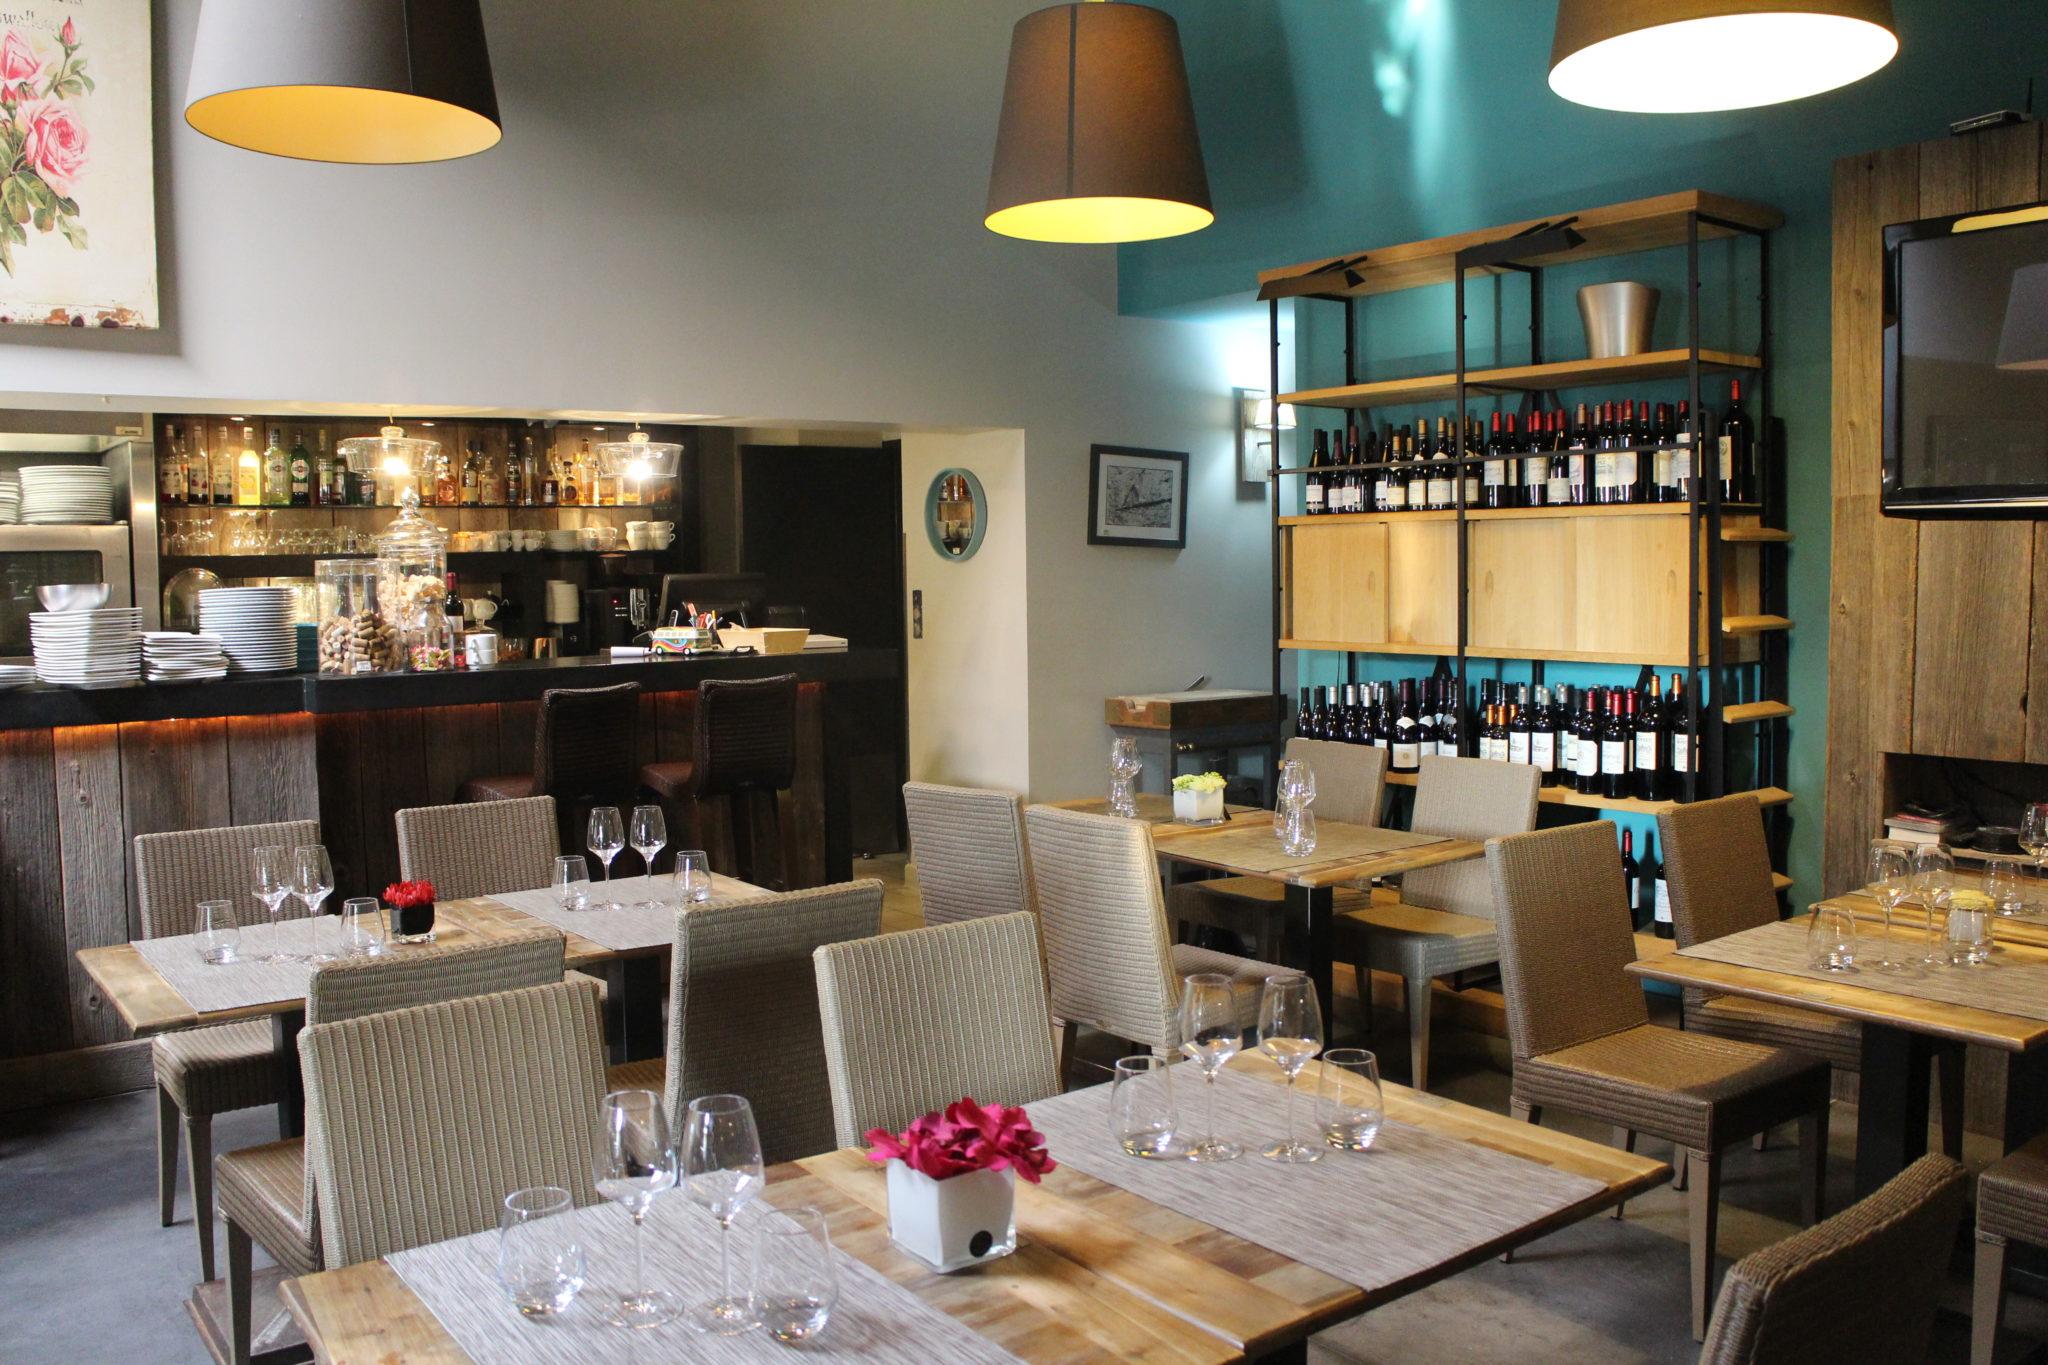 salle-ladn-restaurant-bistronomie-plescop.jpg